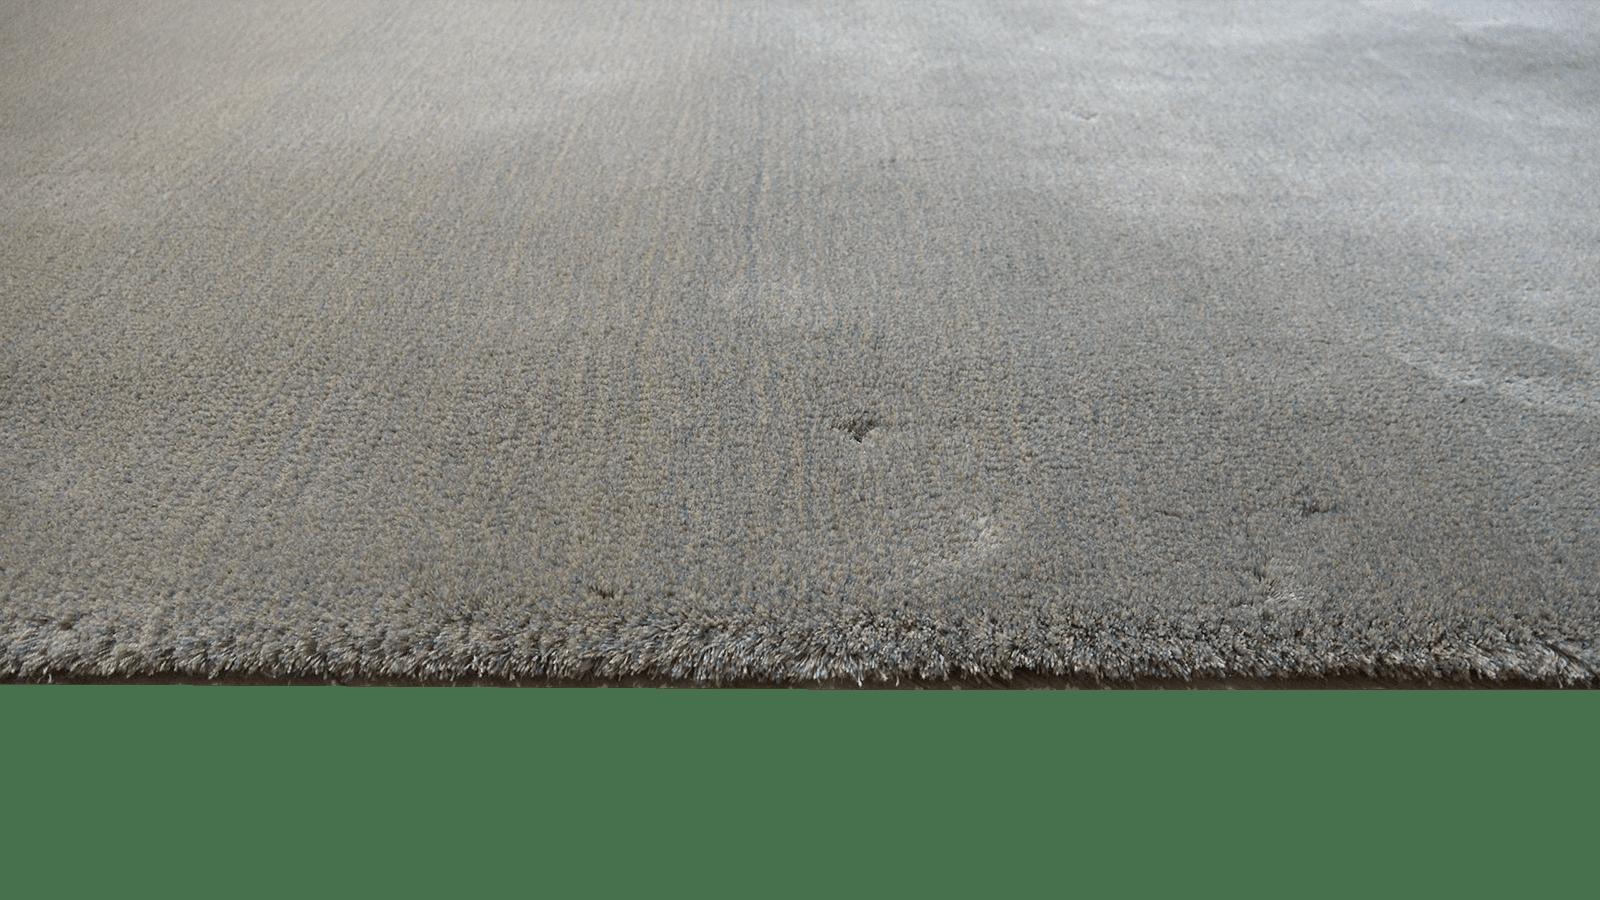 cameleon-sunrise-design-tapijt-moderne-tapijten-handgeknoopte-design-exclusieve-luxe-vloerkleden-koreman-maastricht